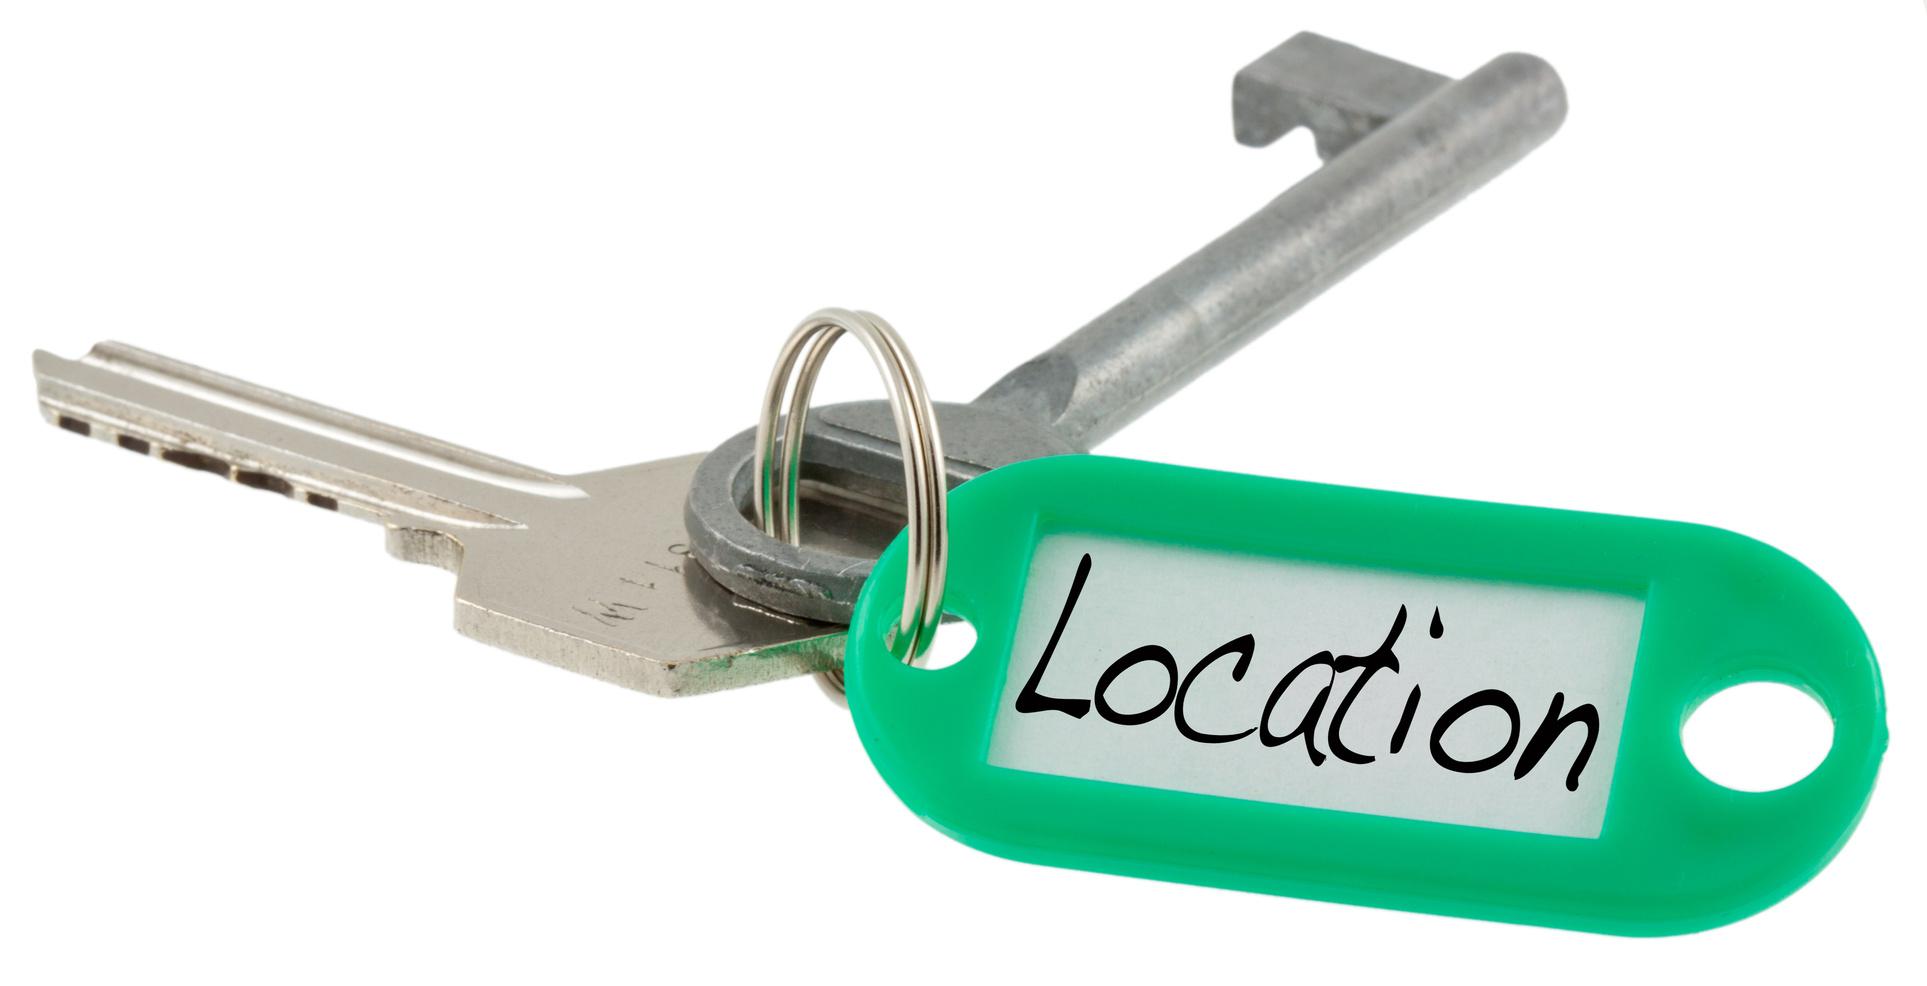 Location maison: s'informer sur le logement